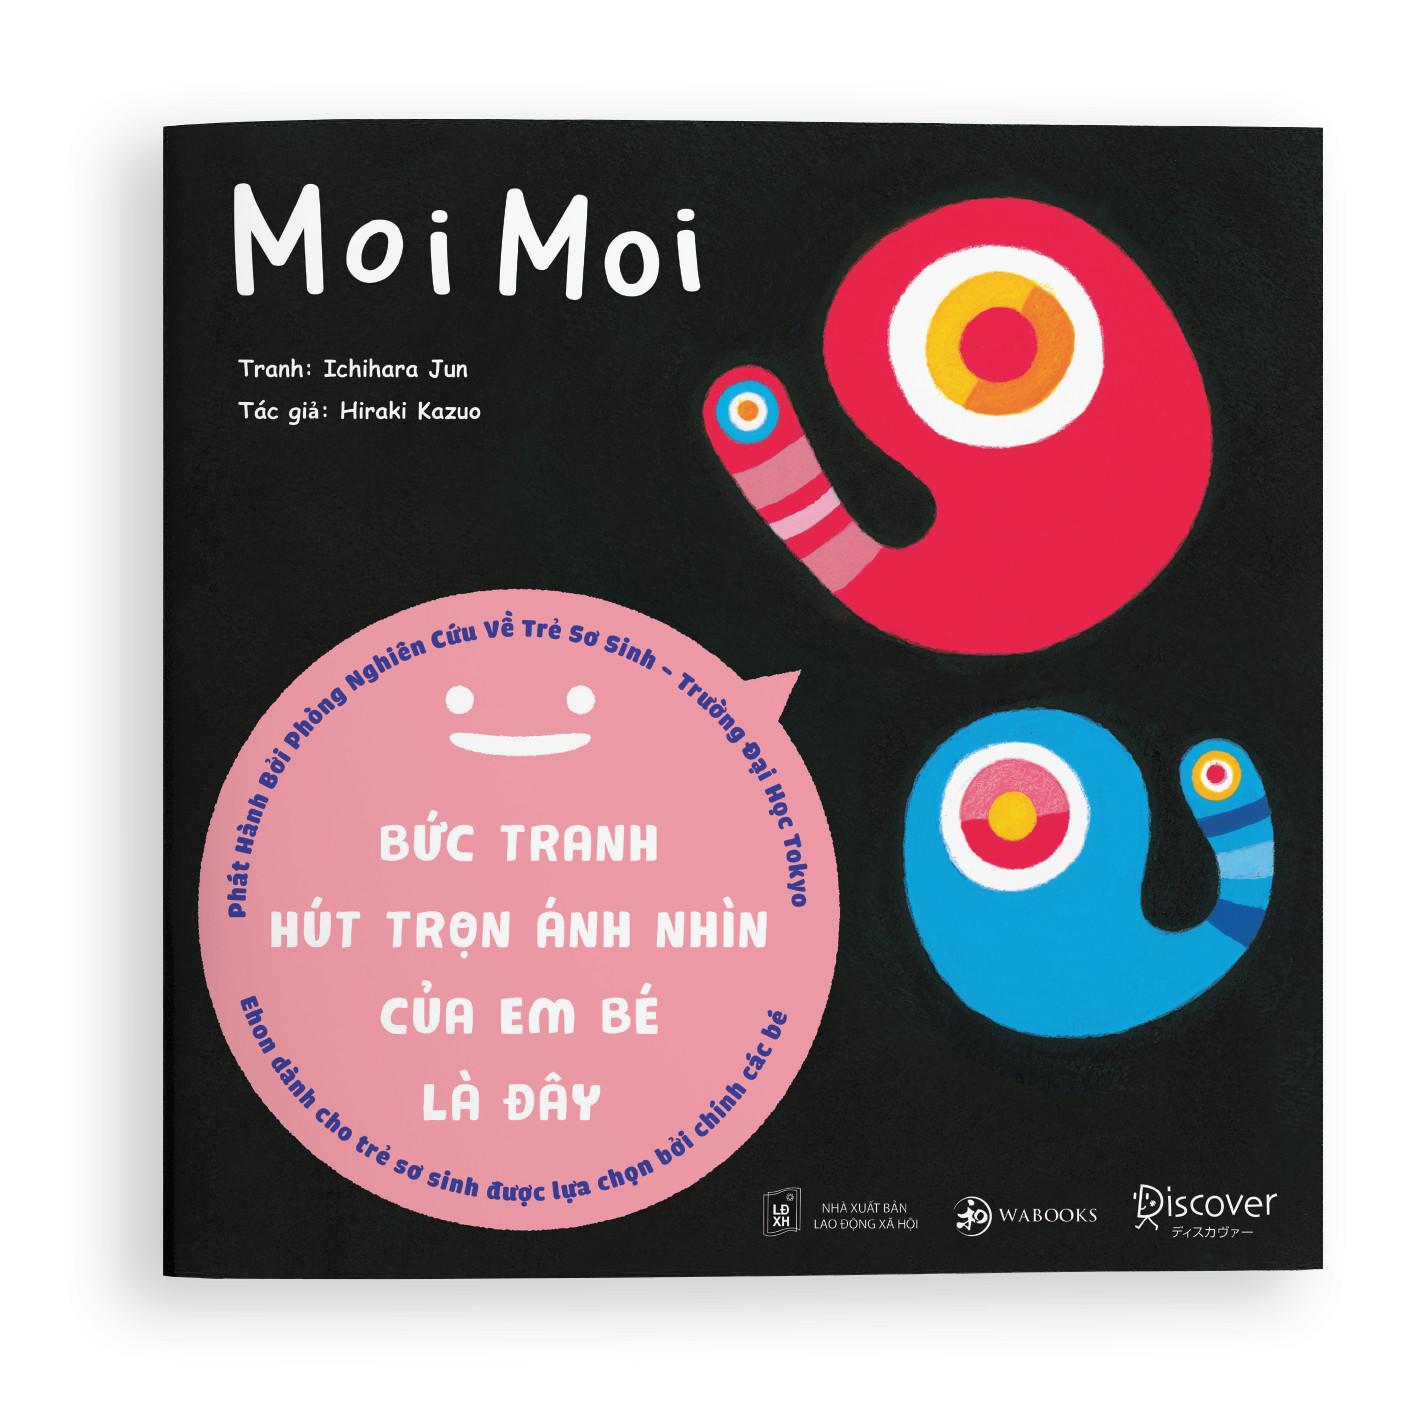 Sách ehon - Set 3 cuốn Moi Moi và những người bạn - Dành cho trẻ từ 0-2 tuổi